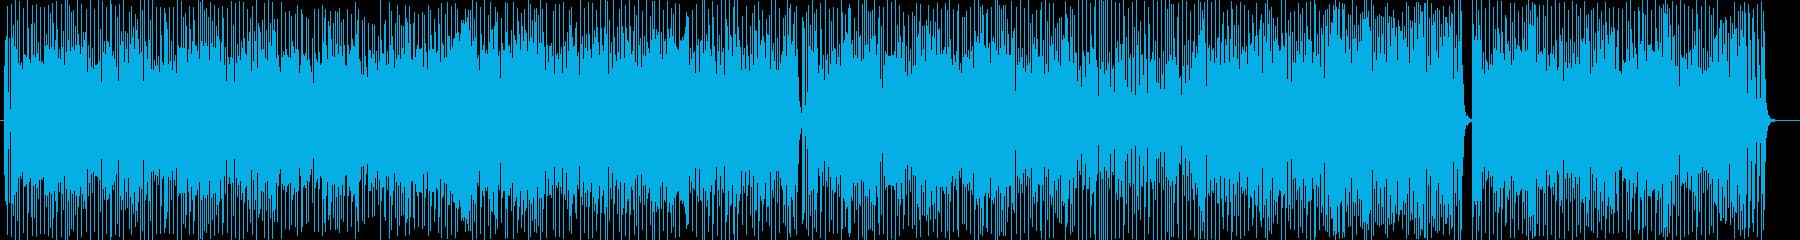 乙女チックなシンセサイザーポップサウンドの再生済みの波形